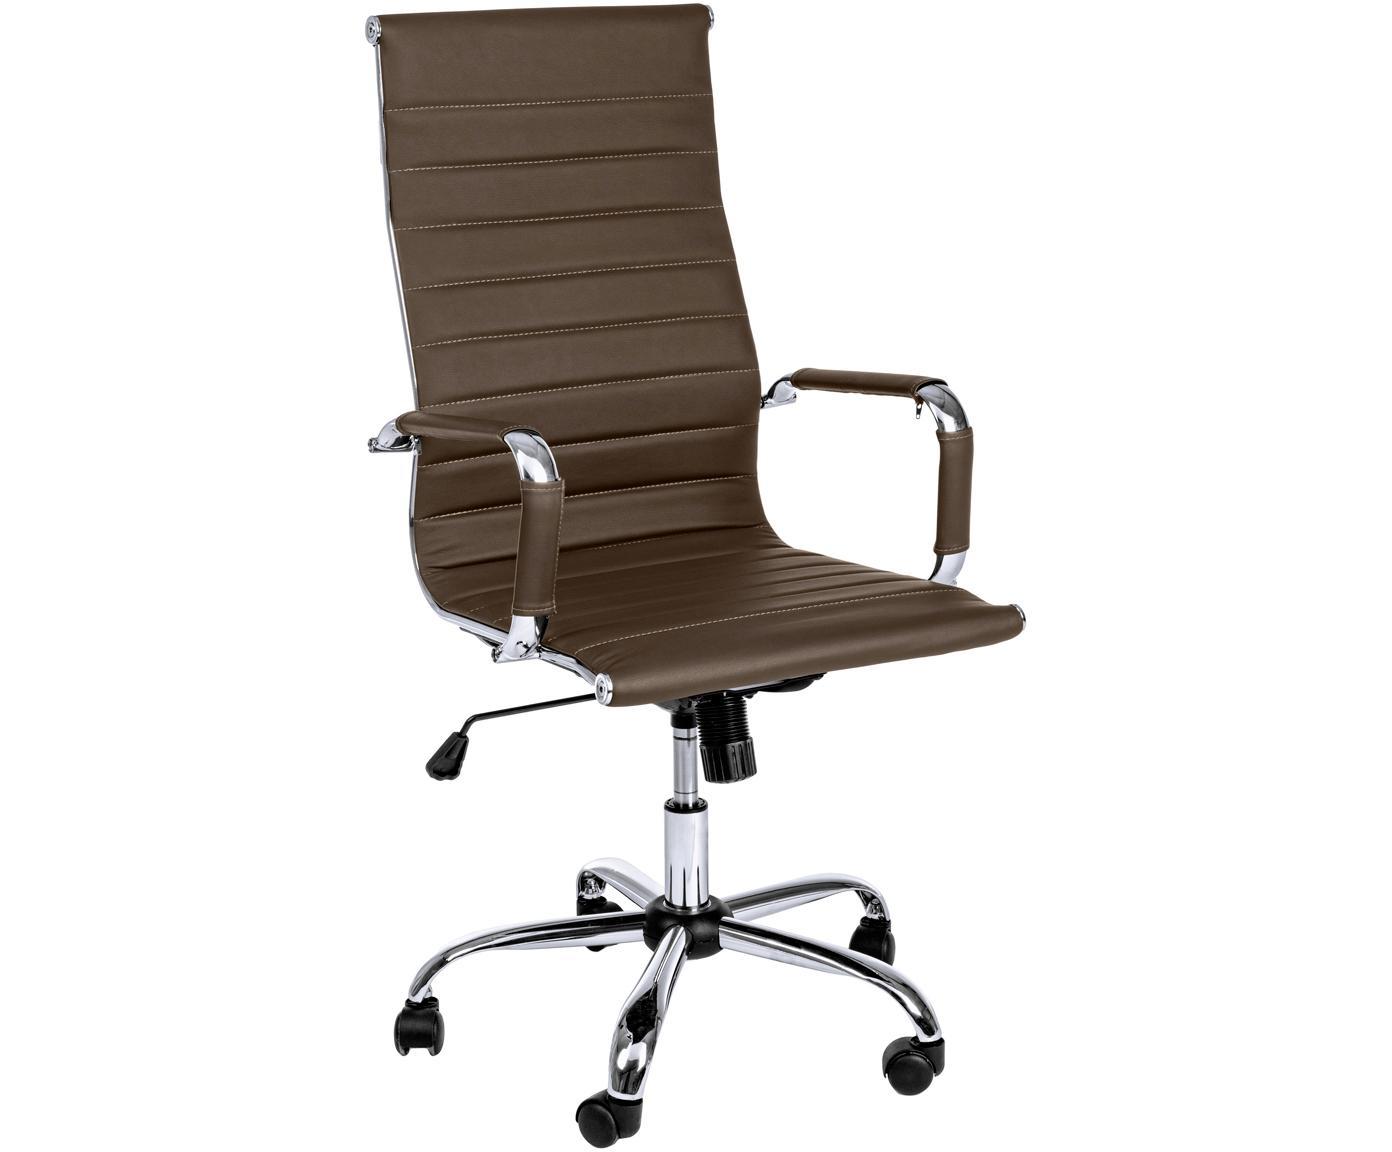 Biurowe krzesło obrotowe ze sztucznej skóry Praga, Stelaż: metal chromowany, Tapicerka: sztuczna skóra (poliureta, Brązowy, S 59 x W 110 cm